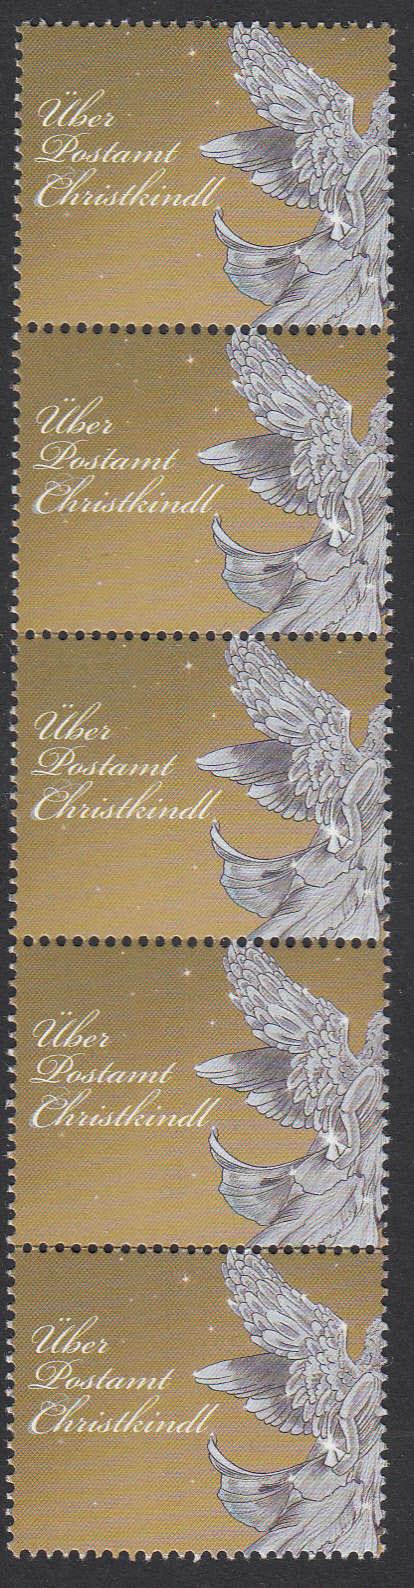 Postamt Christkindl  Leitzettel Img35